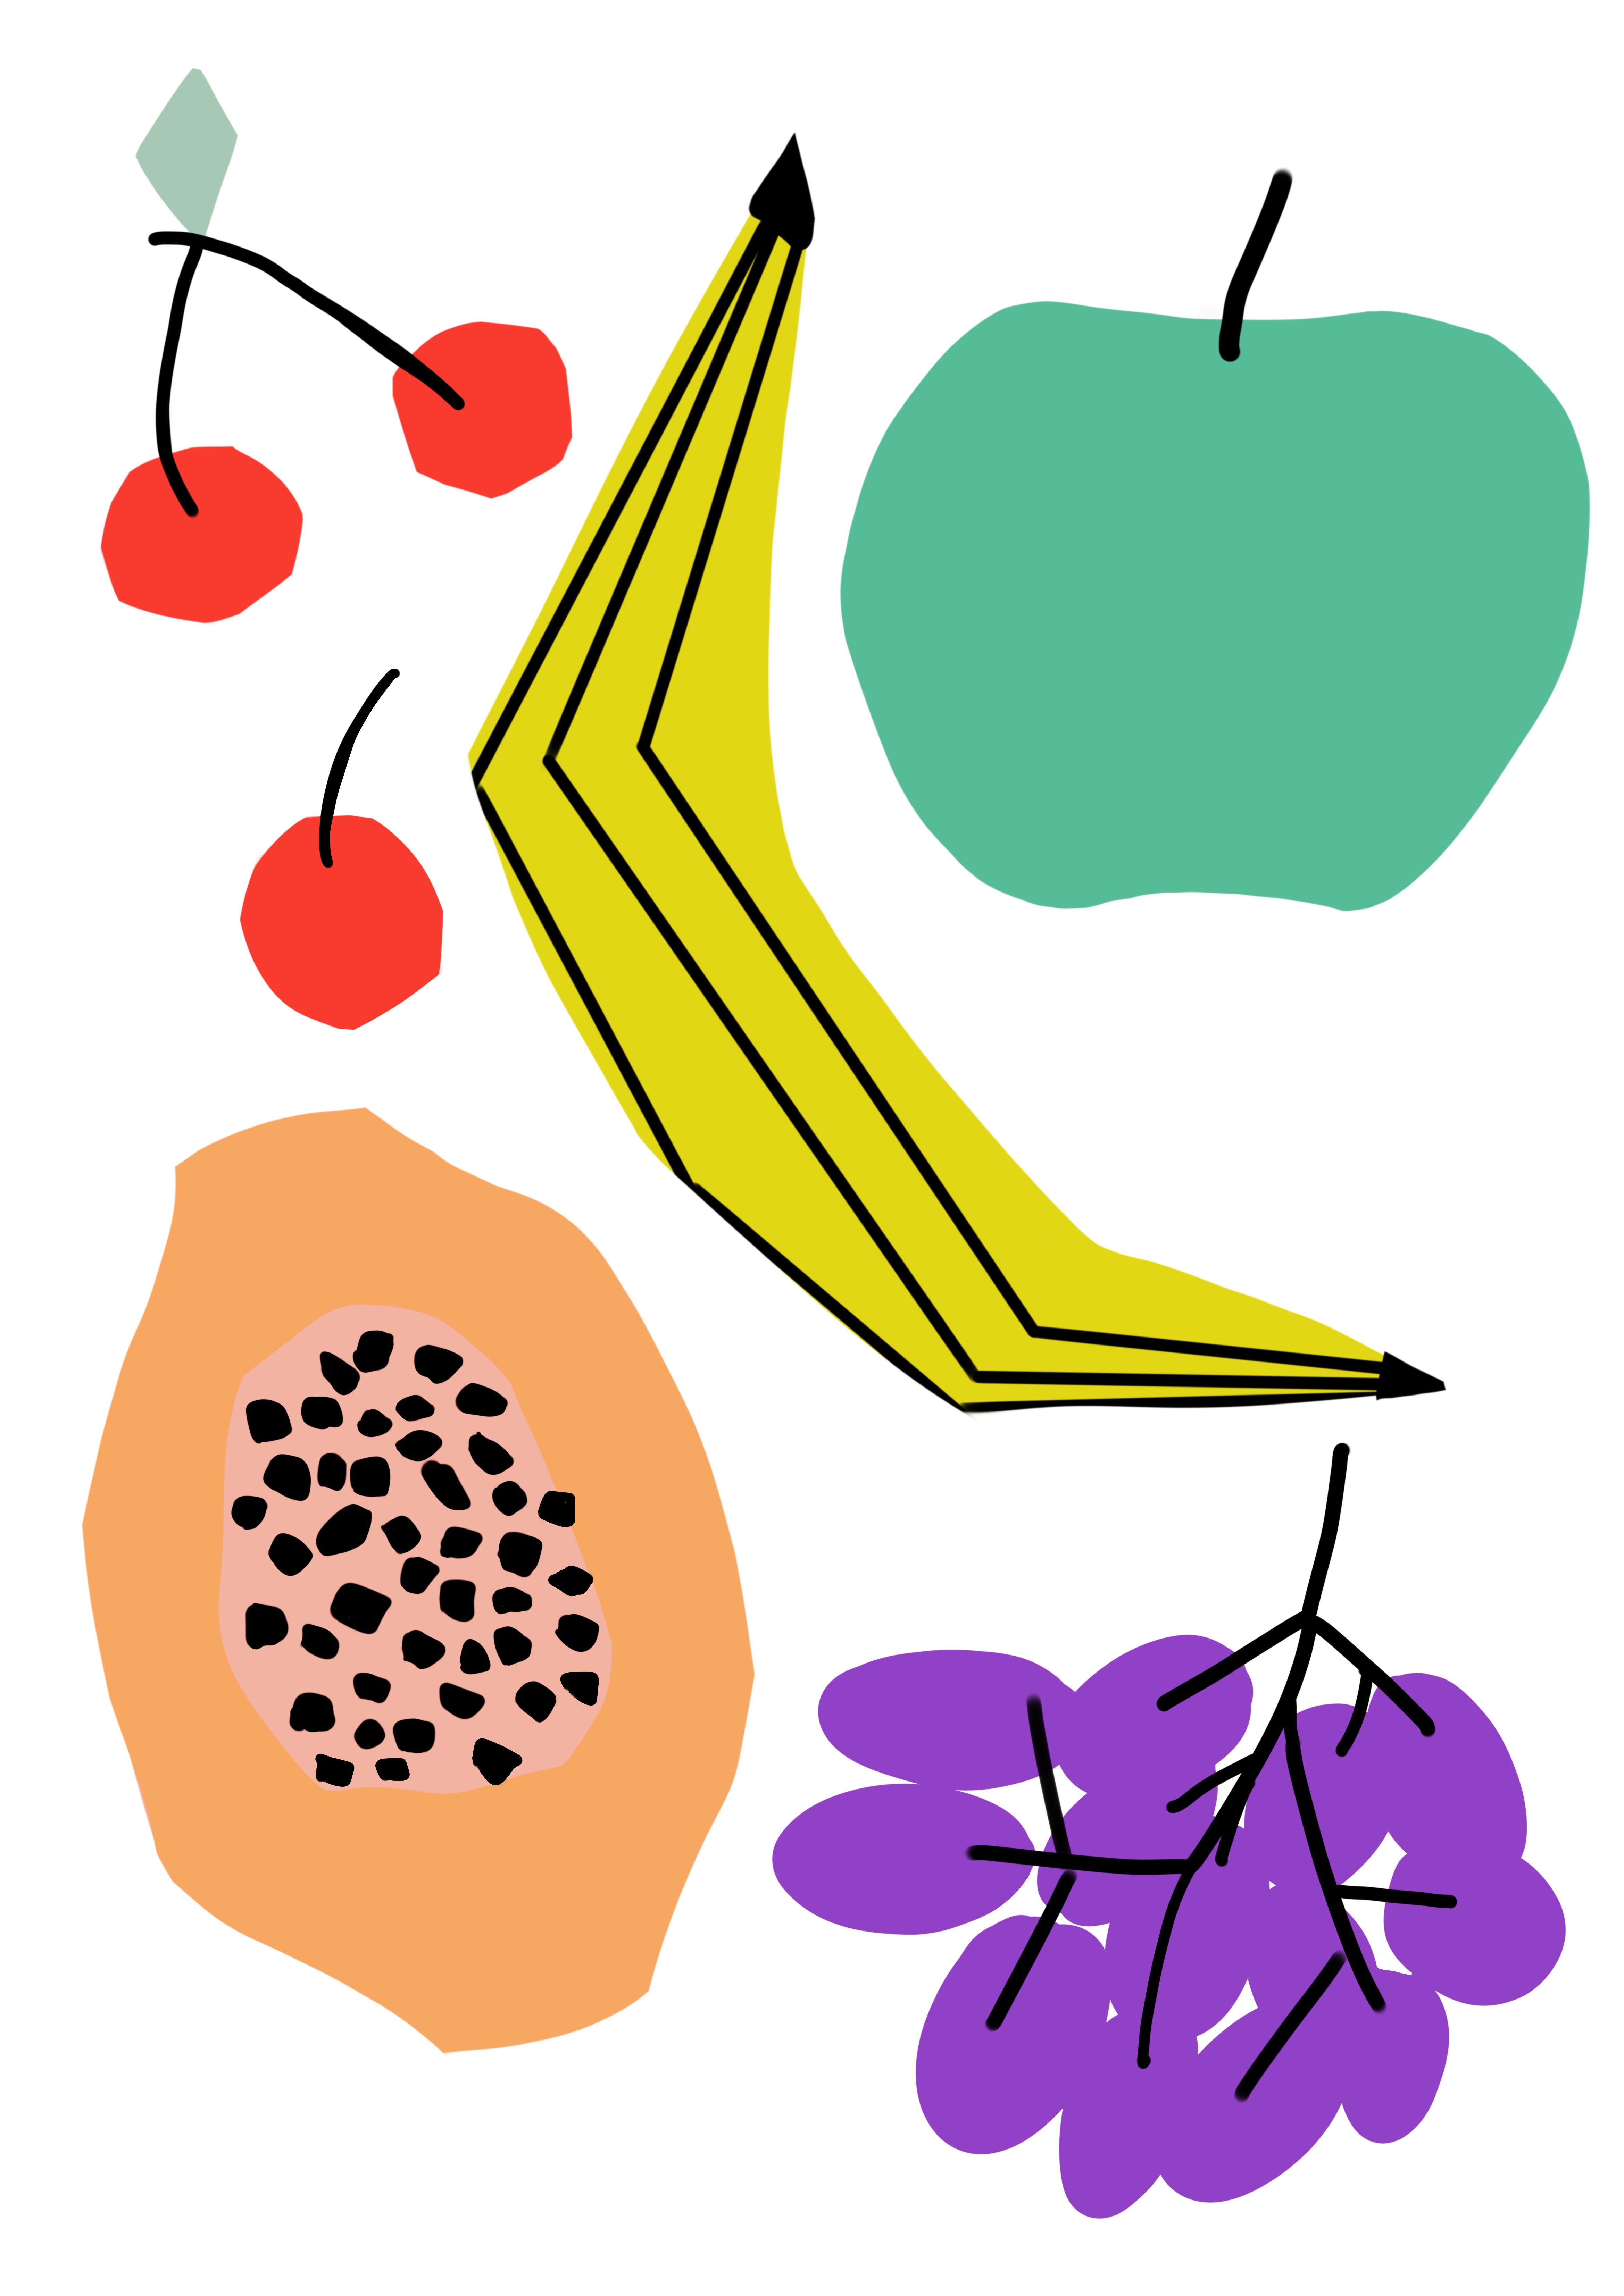 43646 || 6042 || Fruit #2 || NULL || 8492